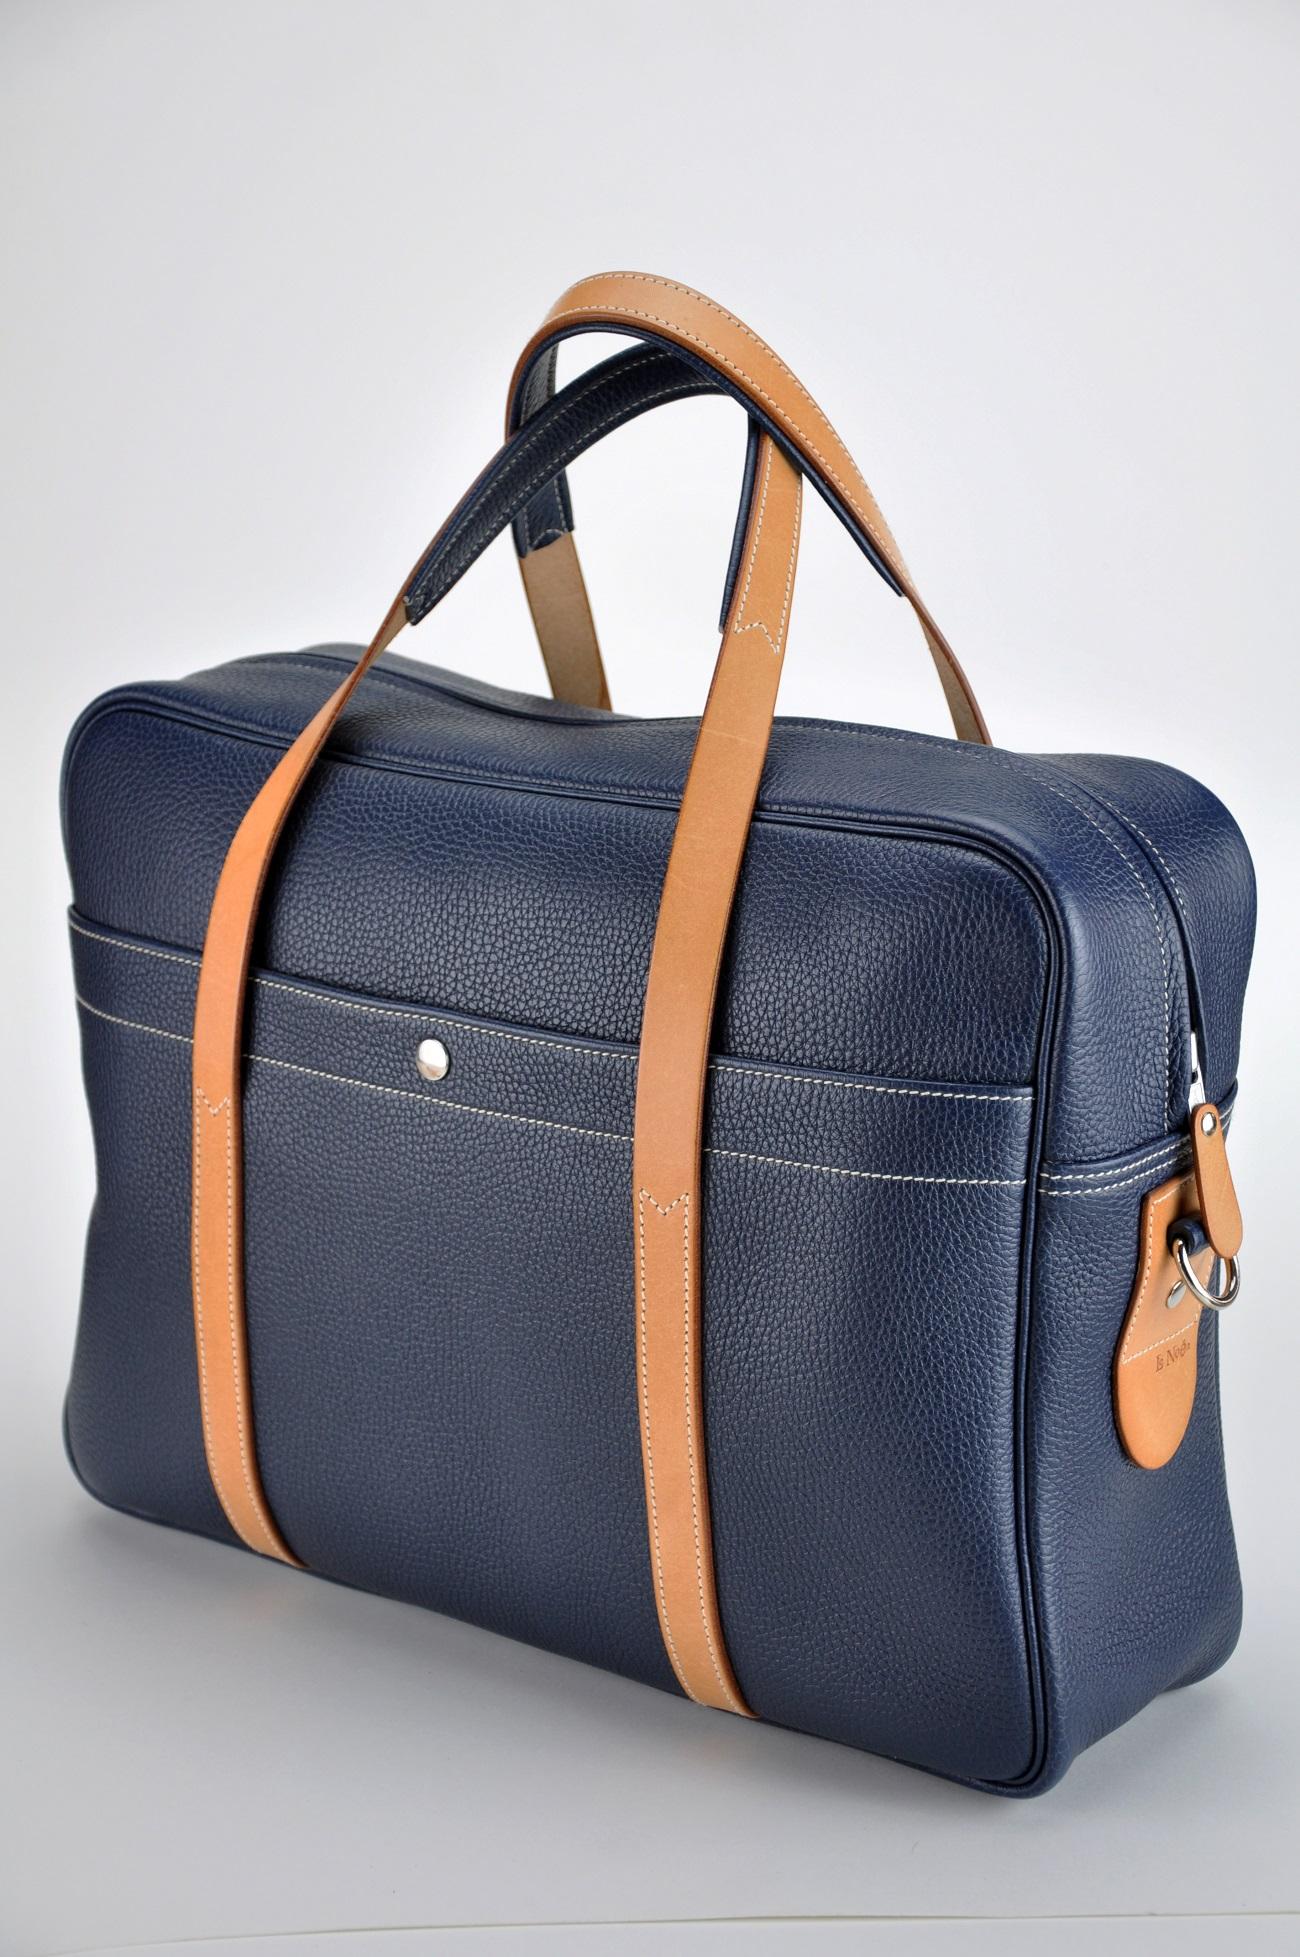 London Gentleman sac, bagage week-end pour homme et femme. léger et pratique. Fabrication française fait main par LE NOËN.